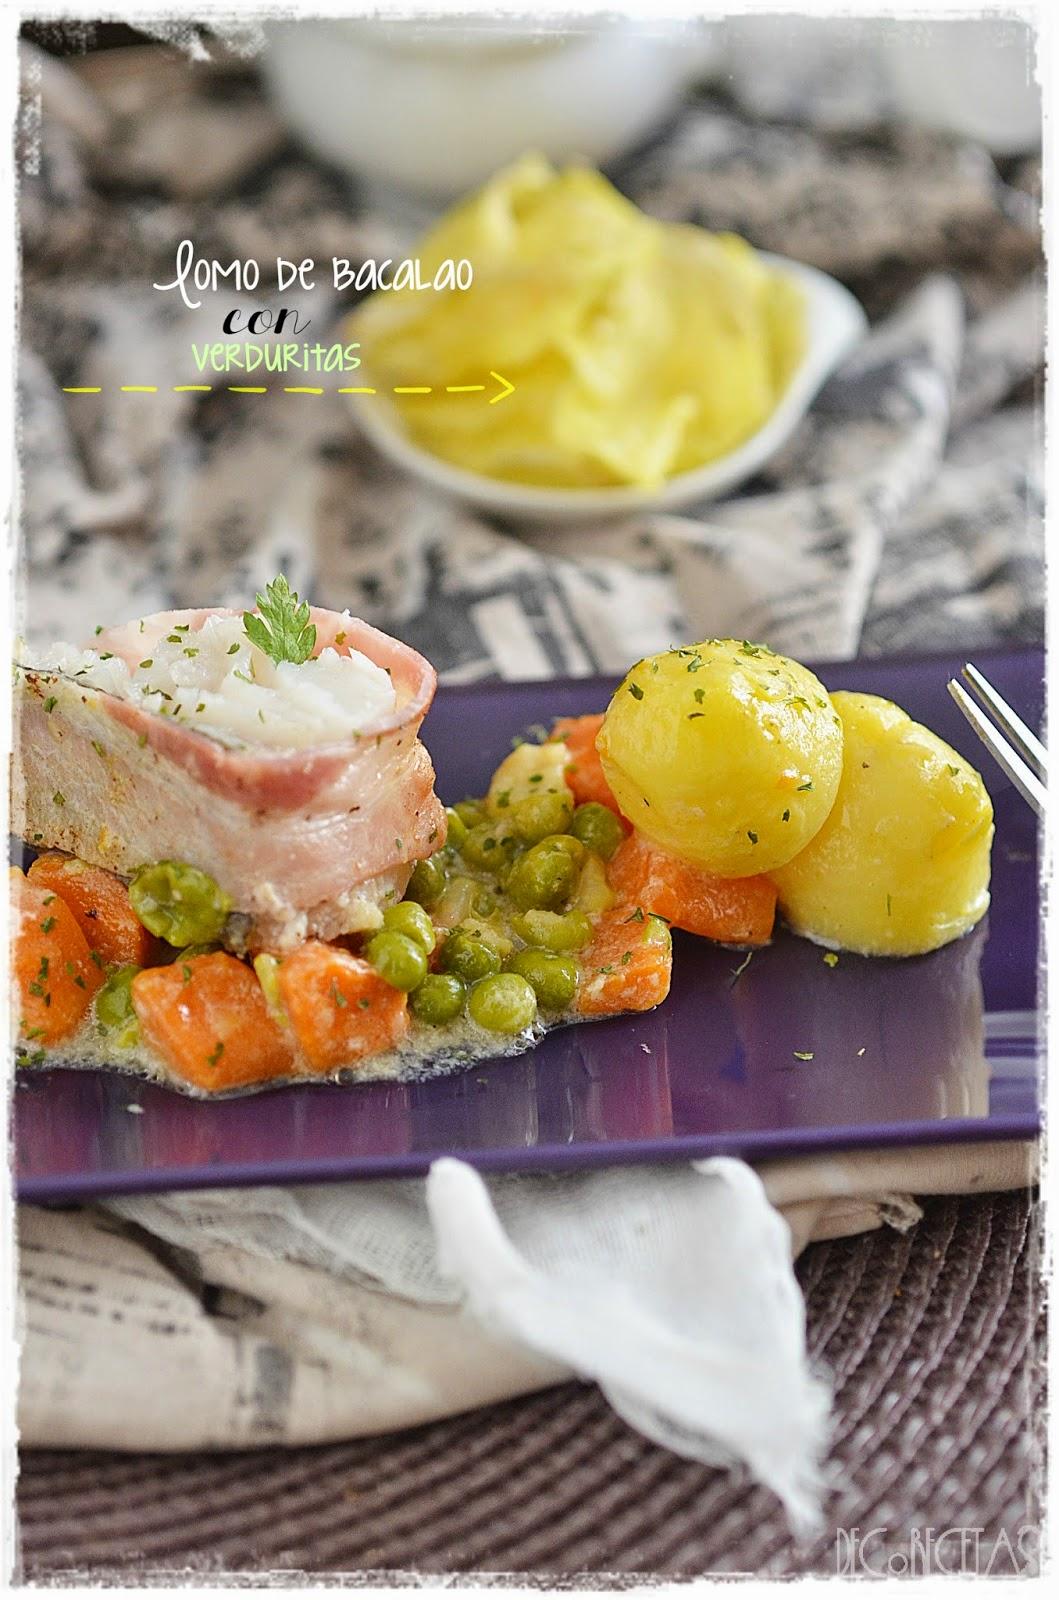 Lomo de bacalao con verduritas